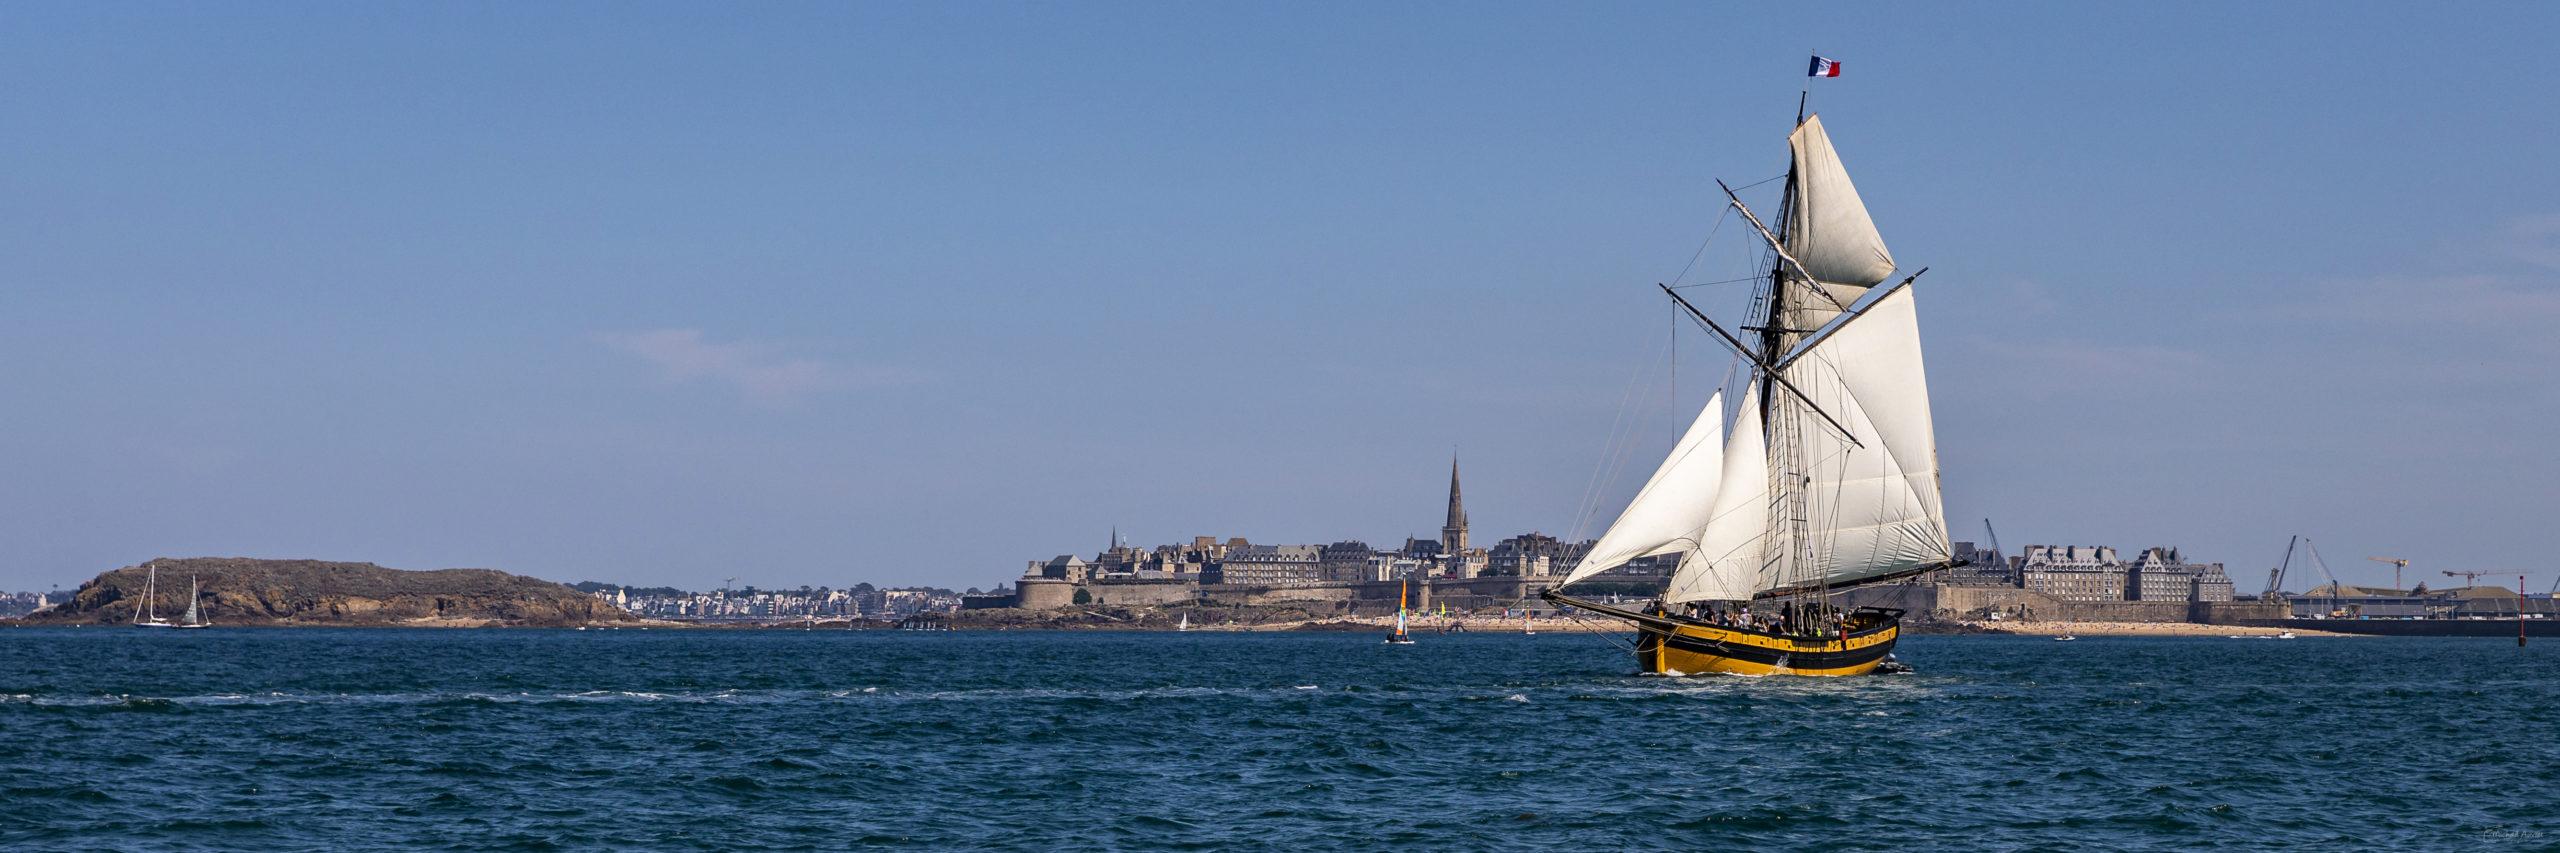 bateau voilier renard saint malo